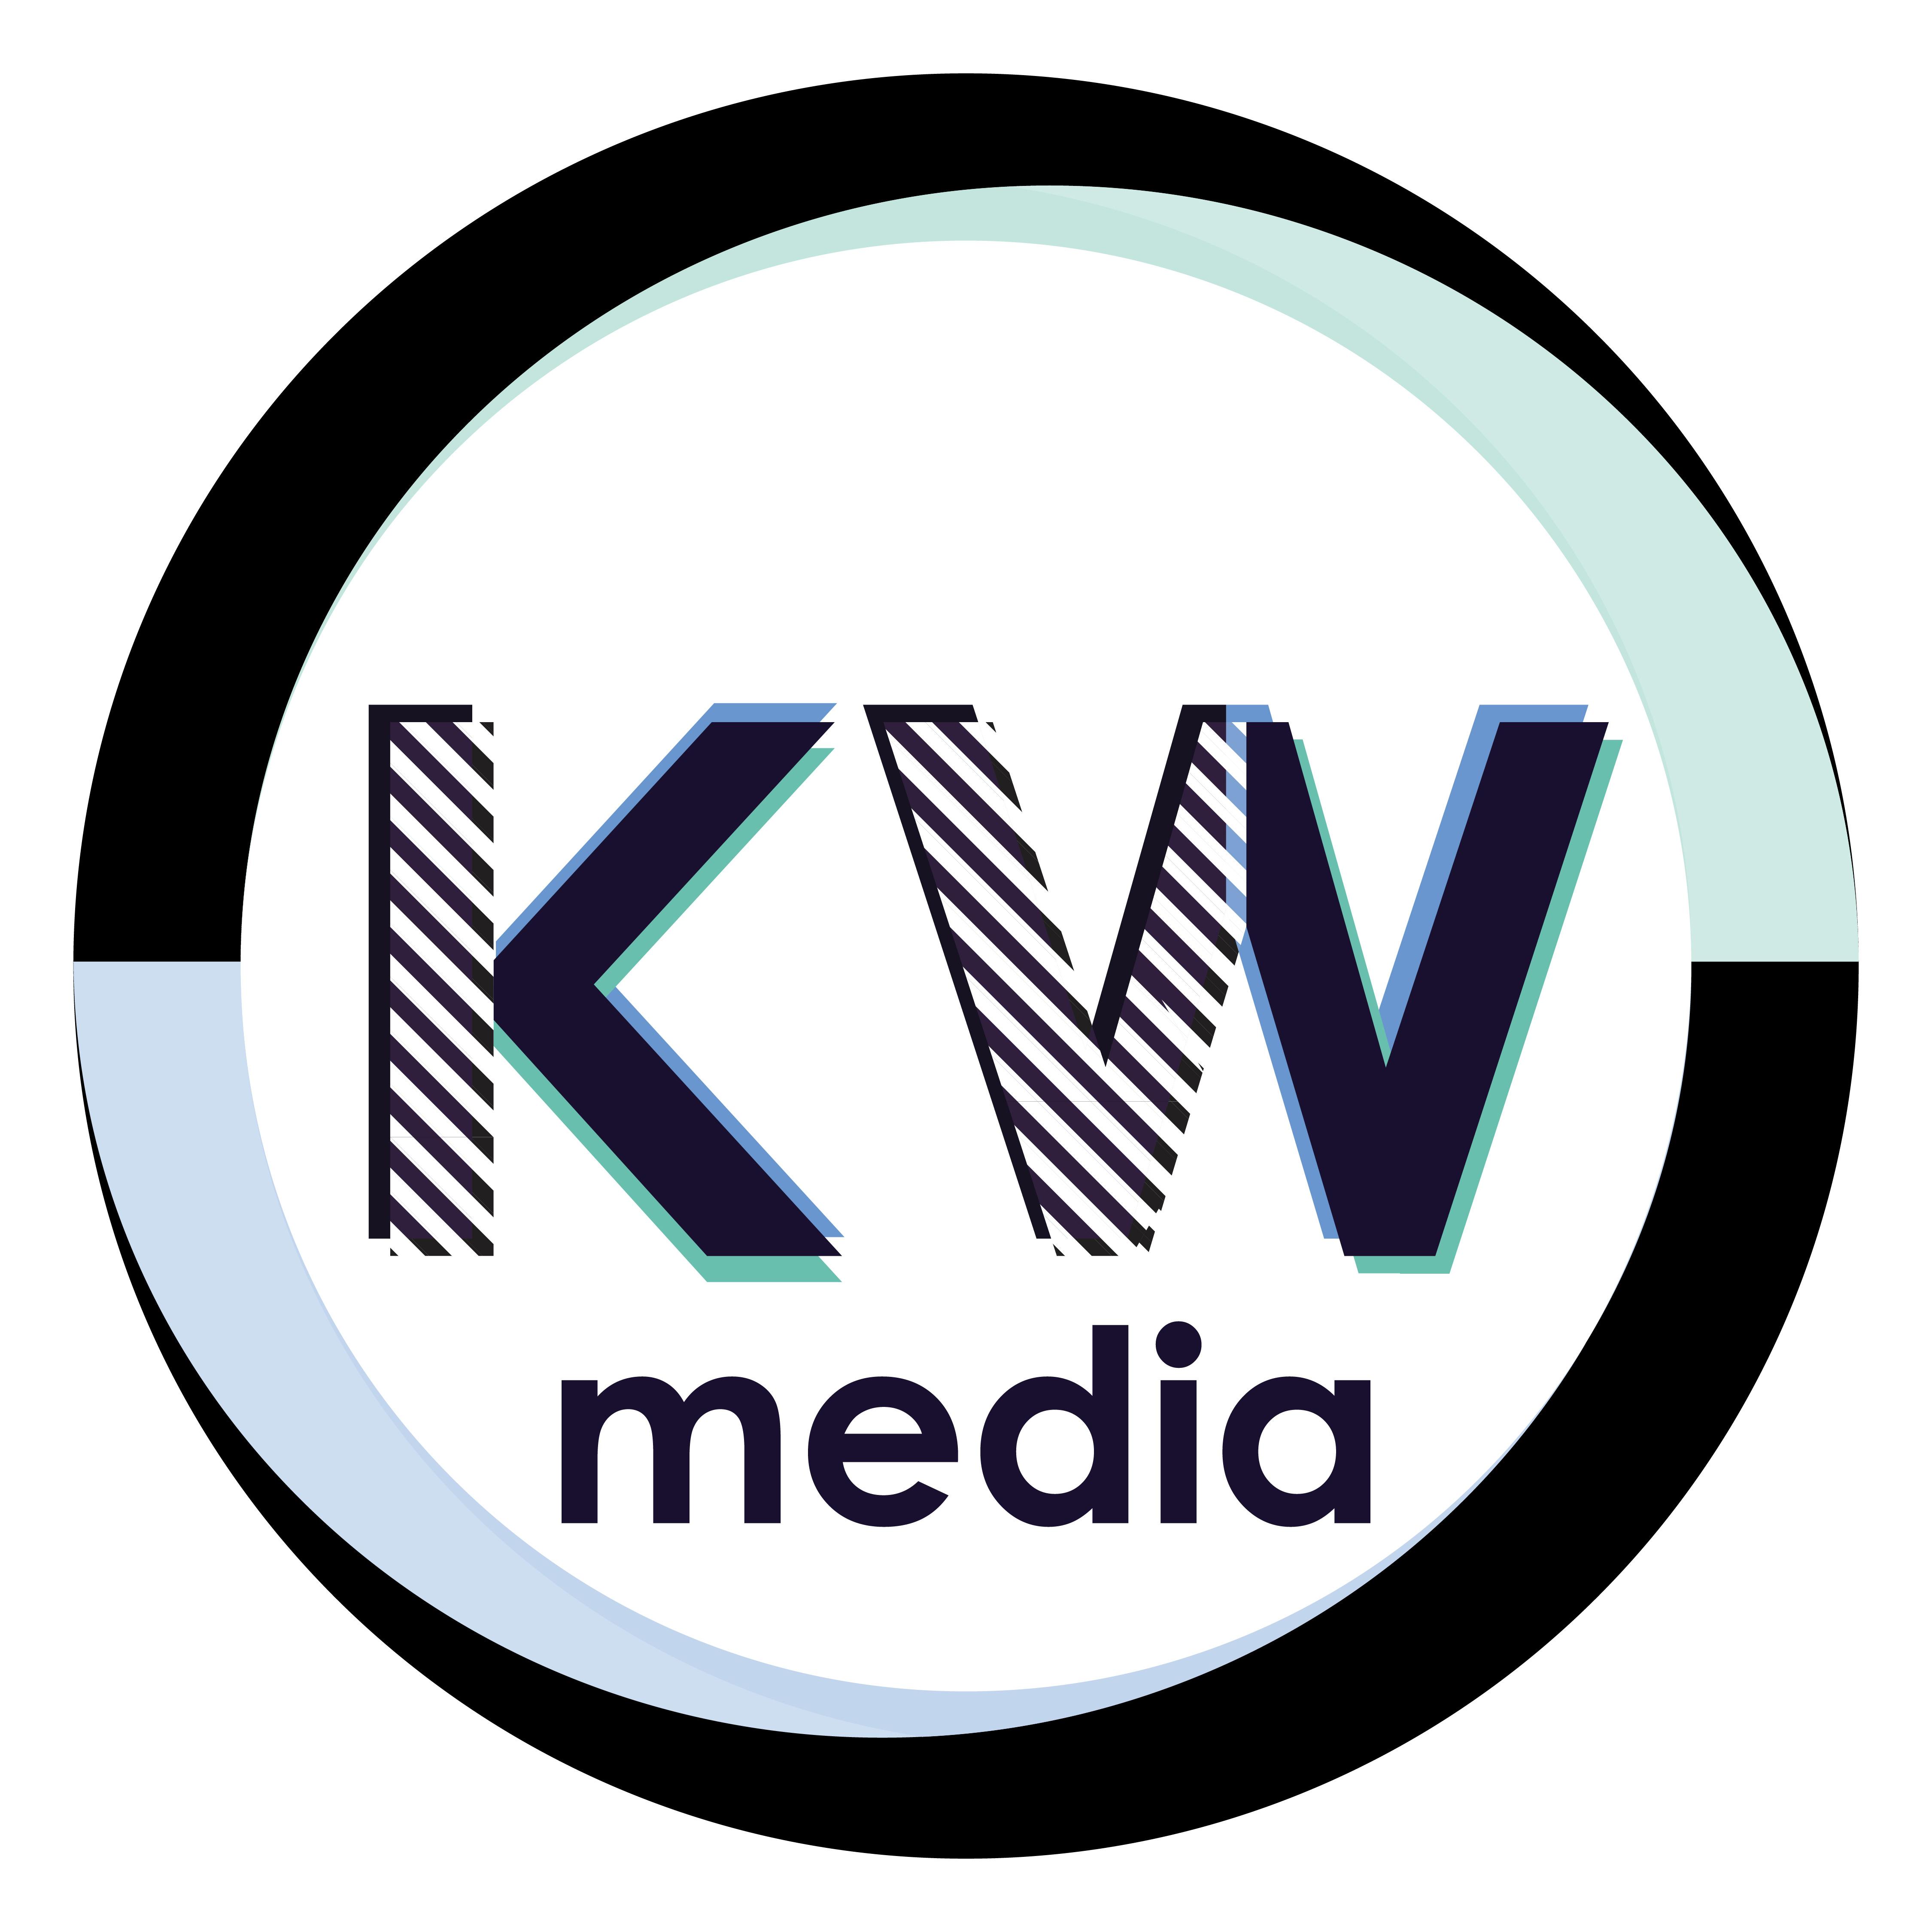 KWmedia.logo.wtext2RGB